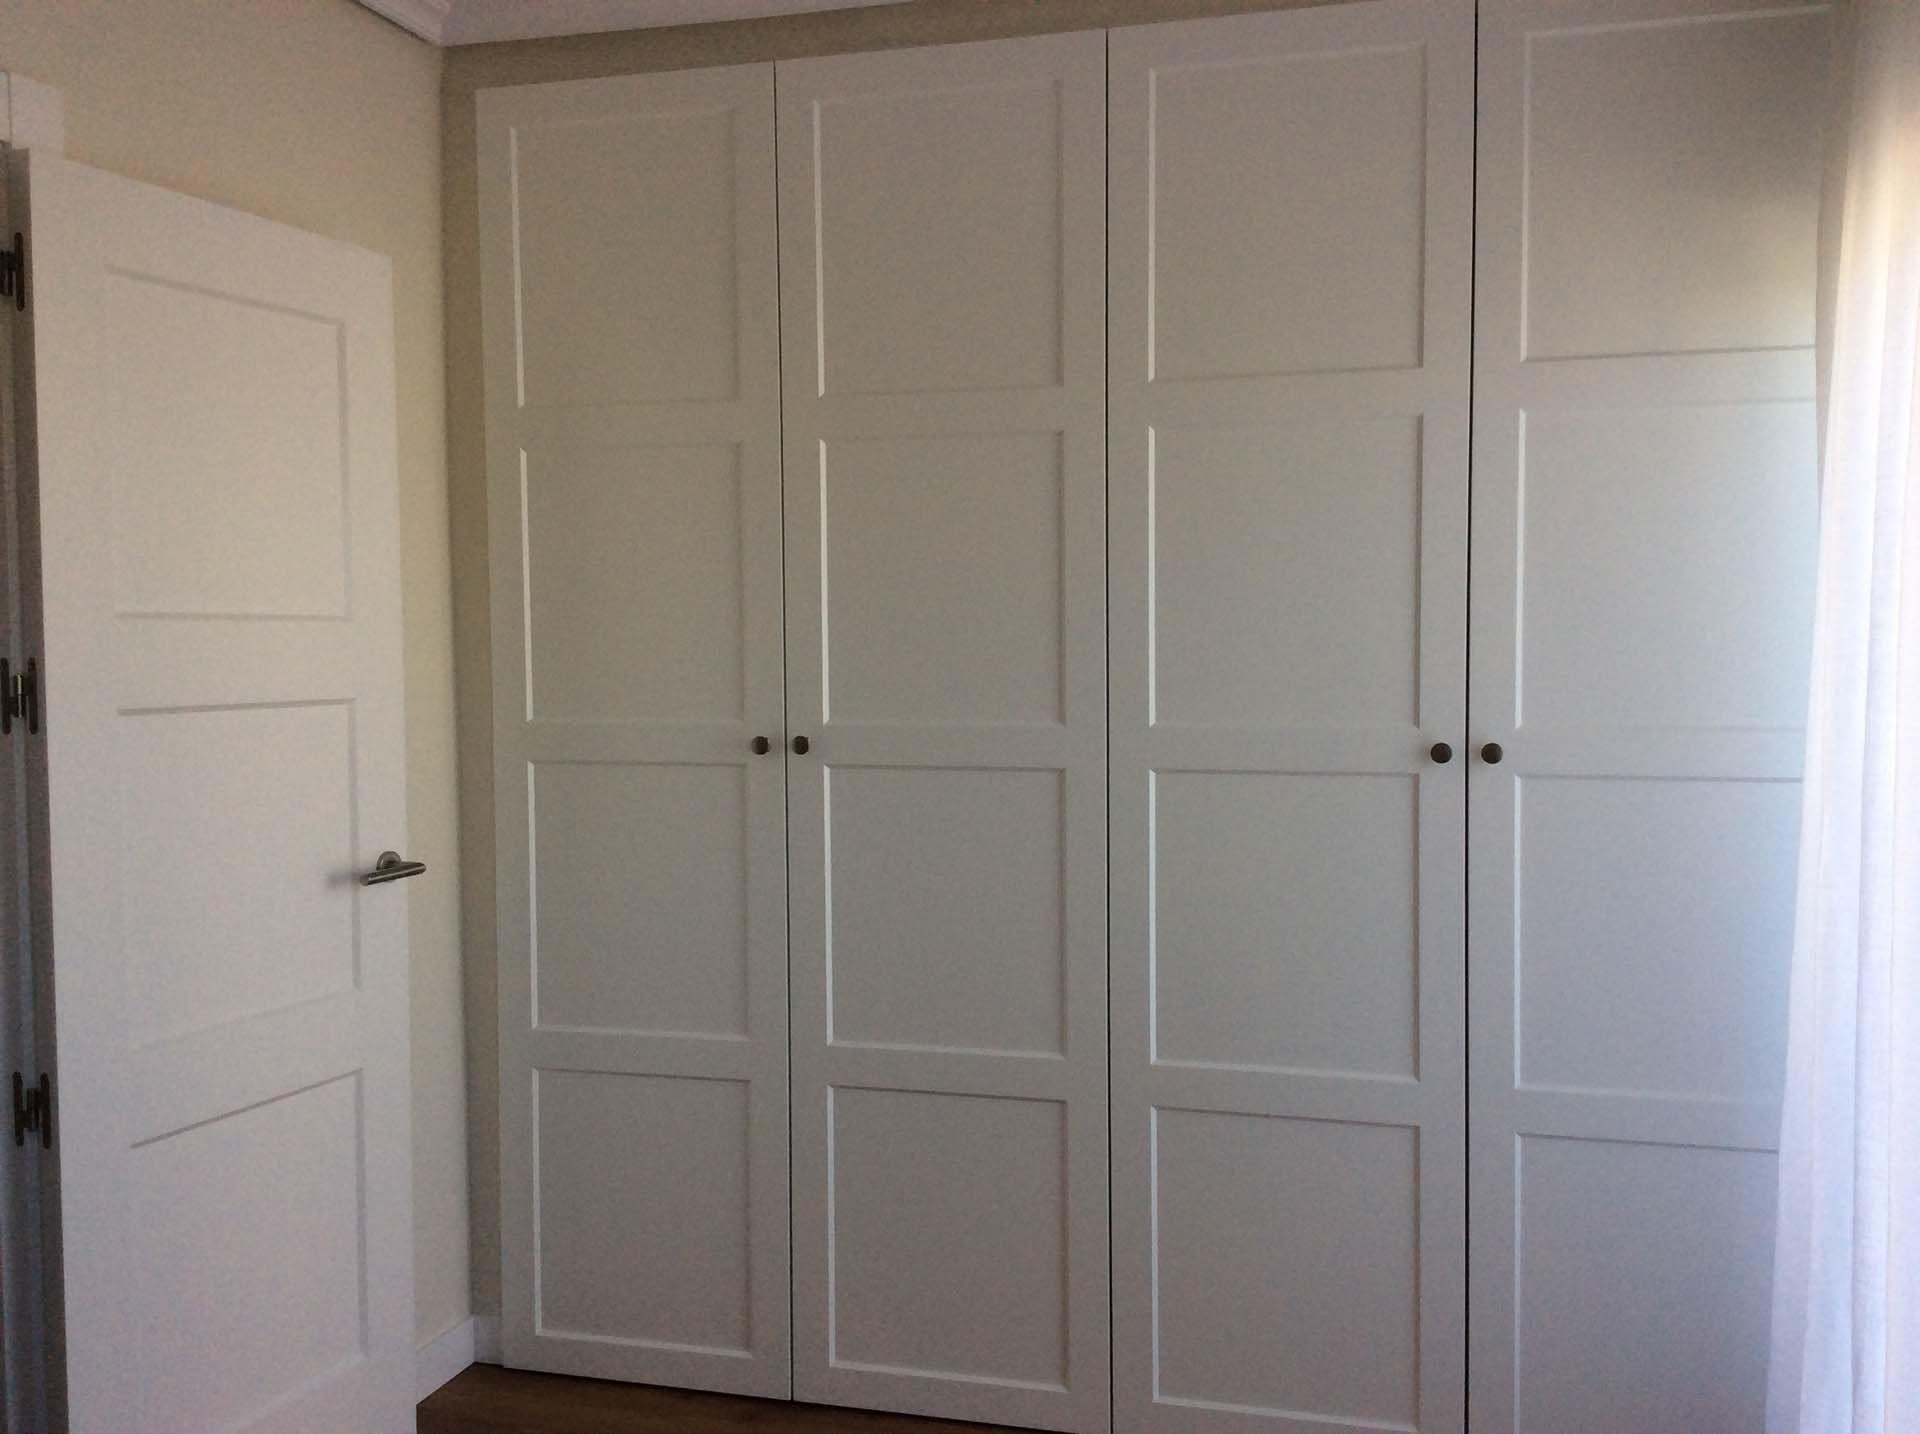 Armario plafones marco chafl n armario lacado blanco seda - Muebles el chaflan ...